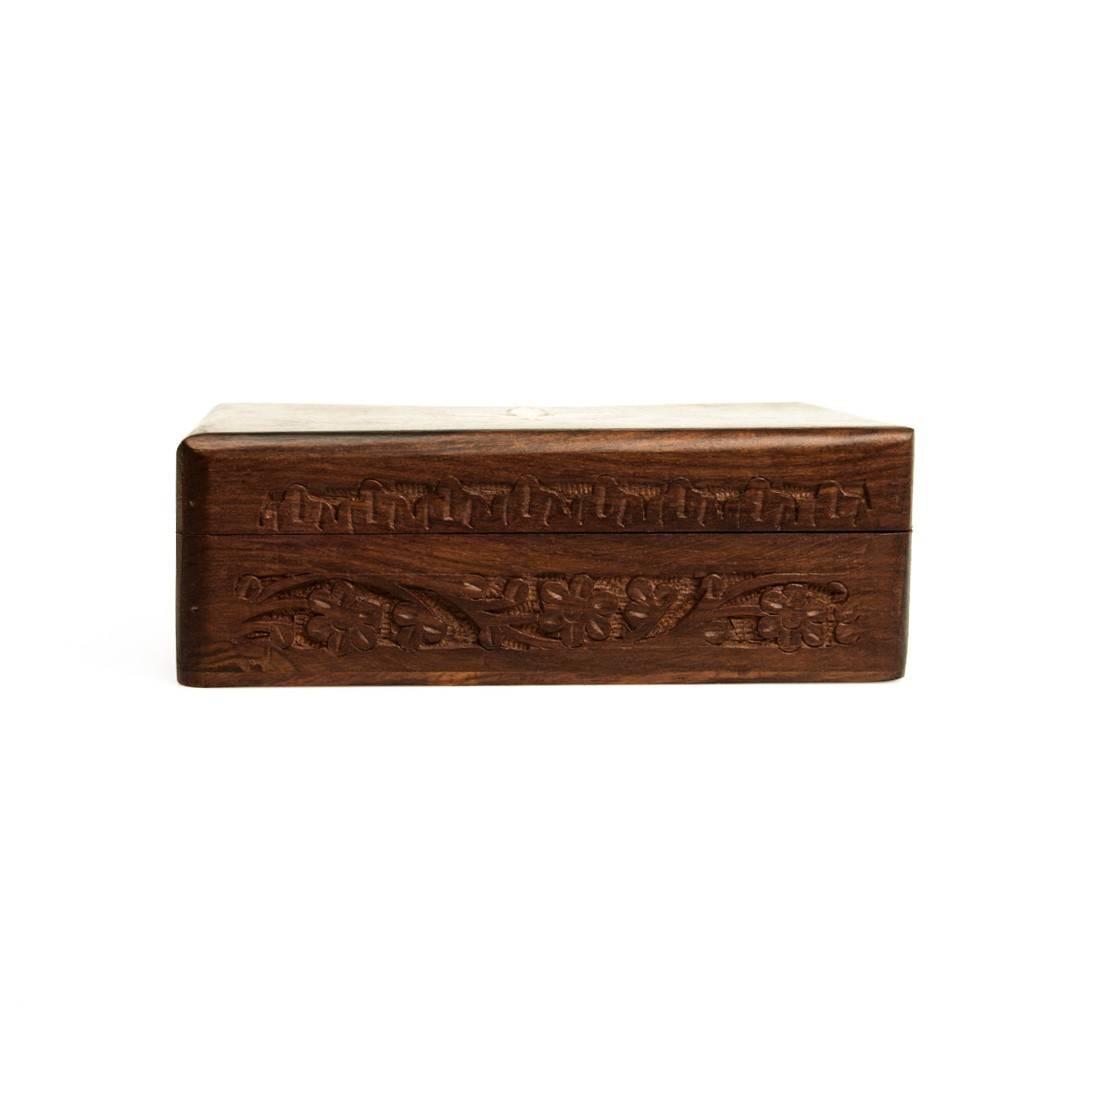 Grande boite bois boites en bois for Grande boite